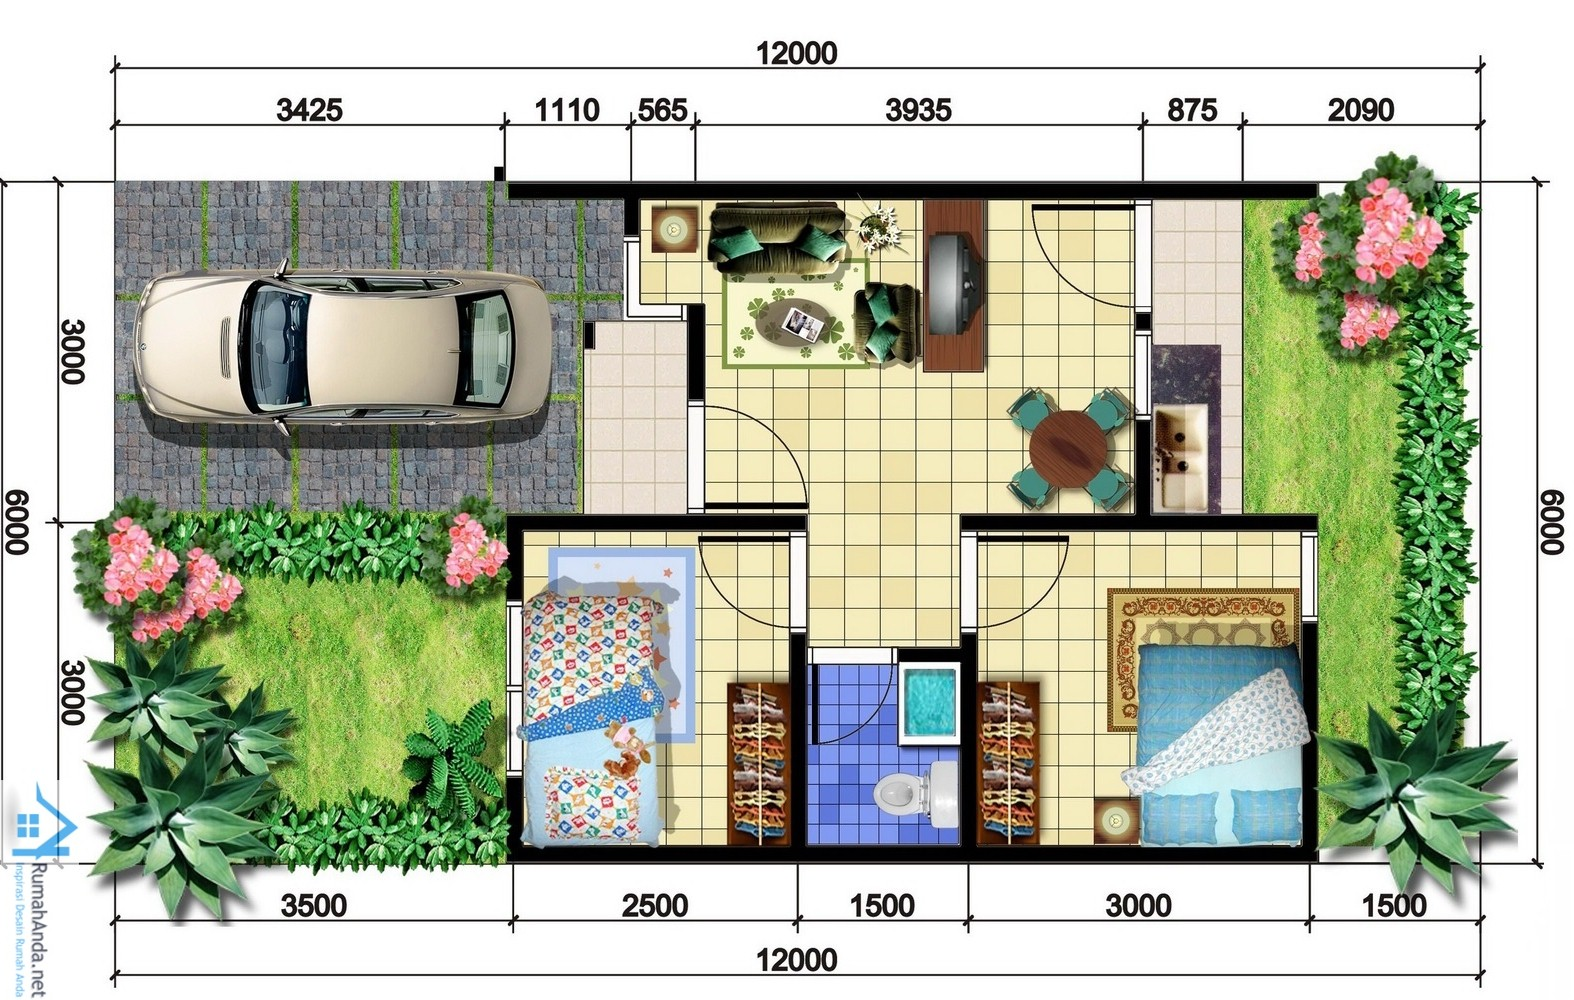 69 Desain Rumah Minimalis Ukuran 6x12 Desain Rumah